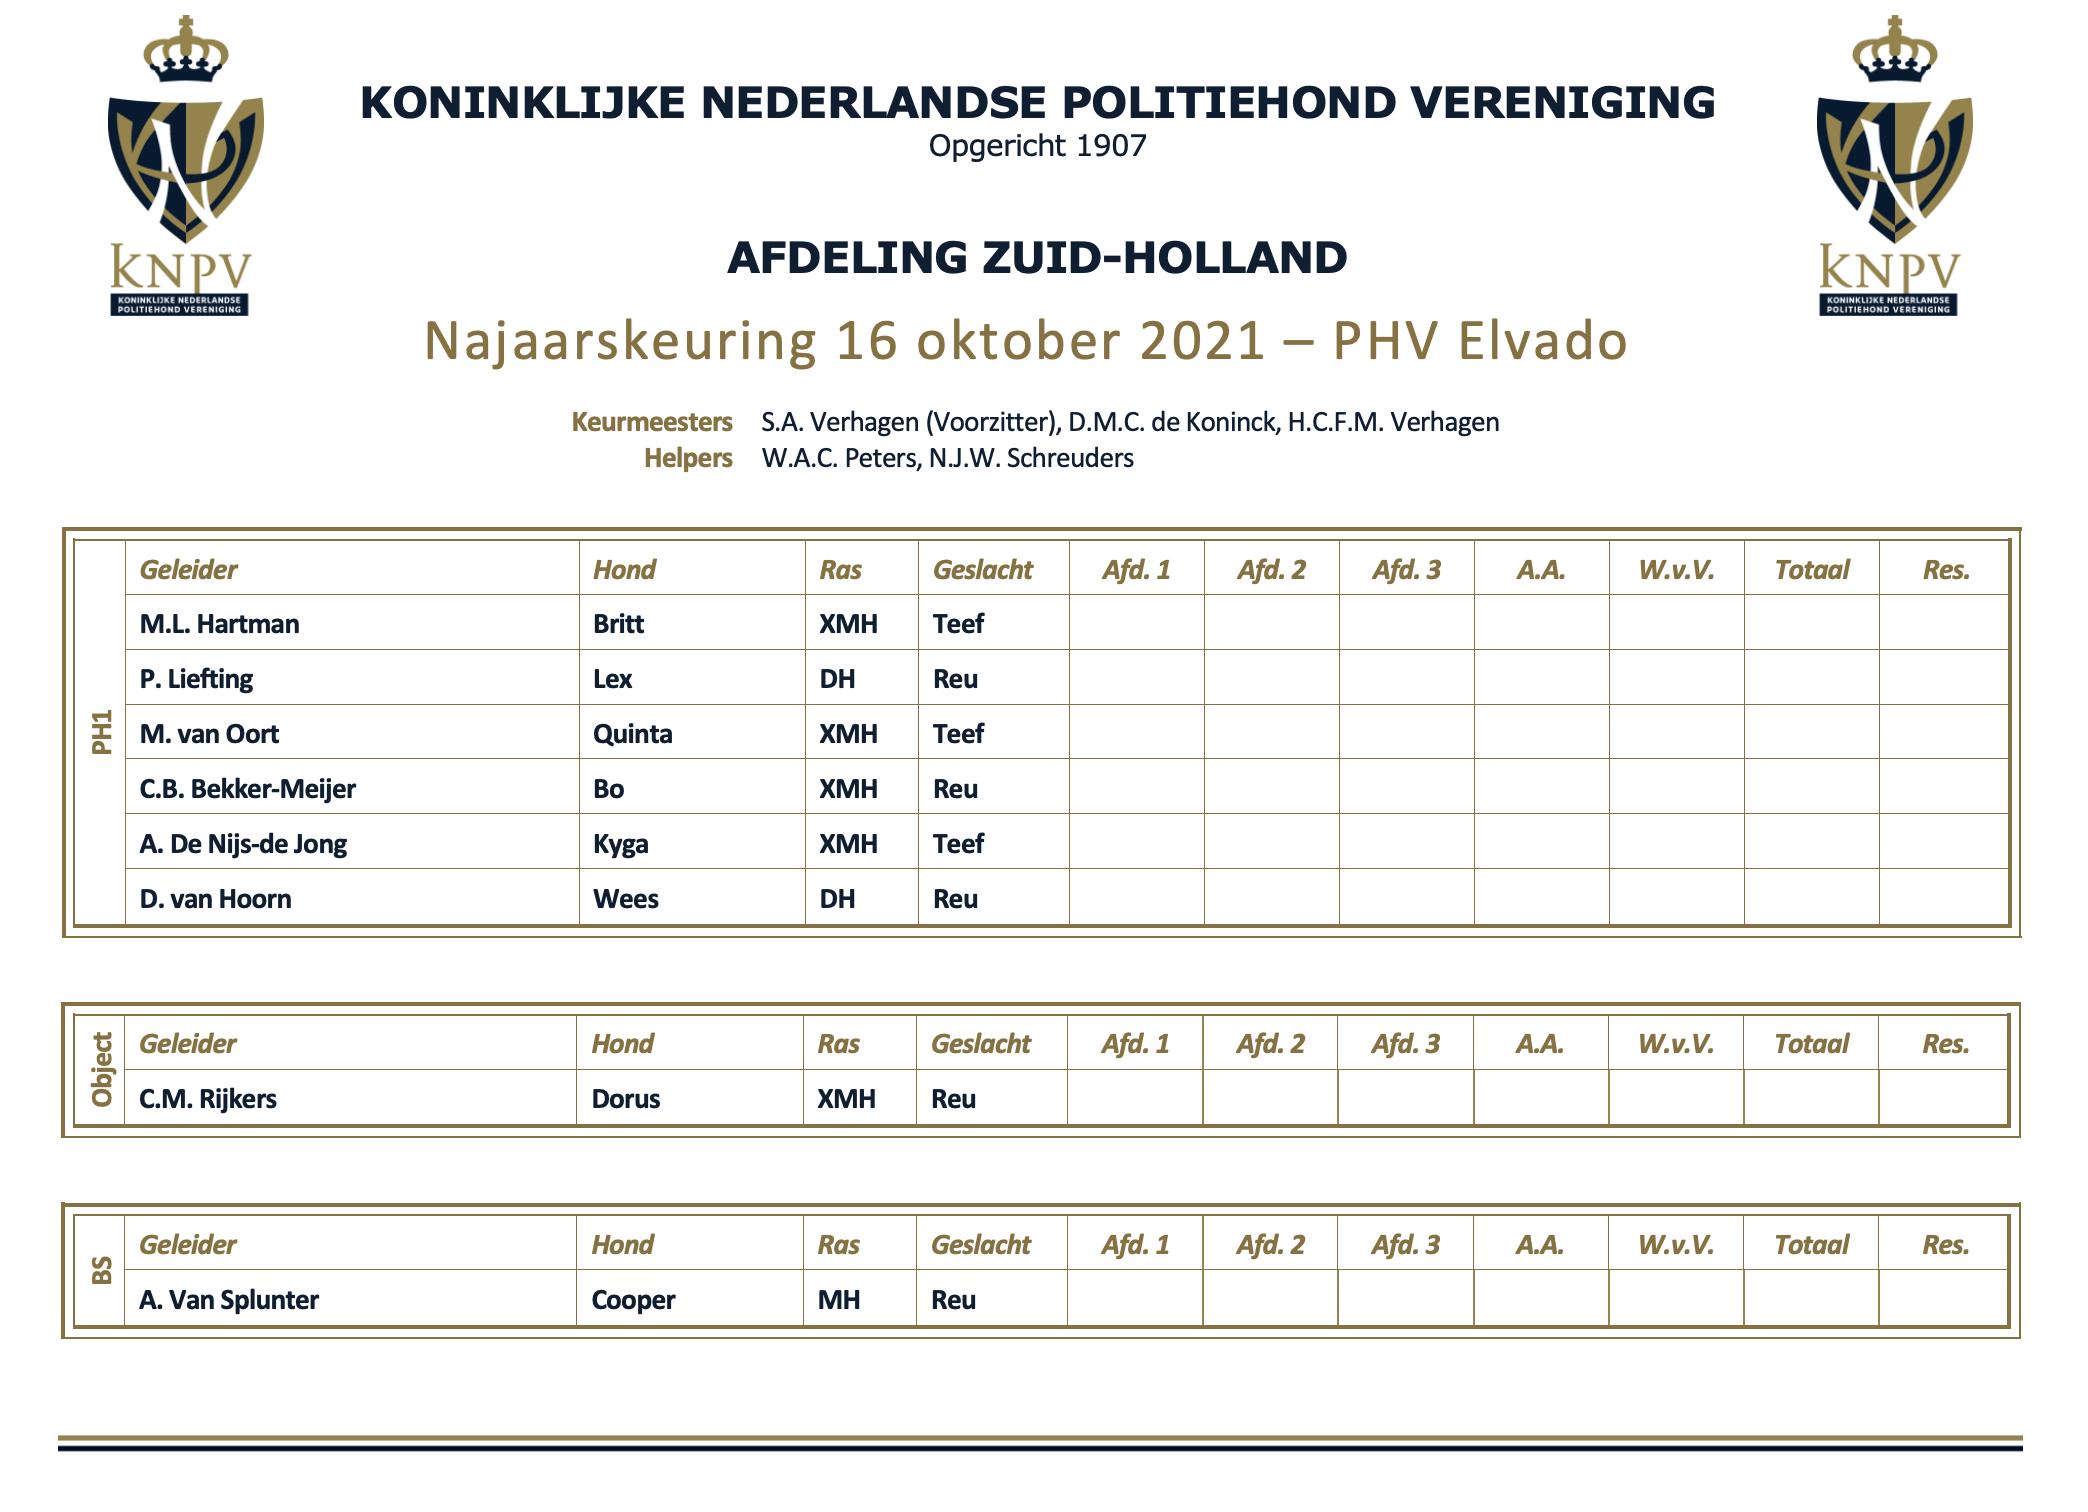 Najaarskeuring Zuid-Holland alleen op zaterdag 16 oktober